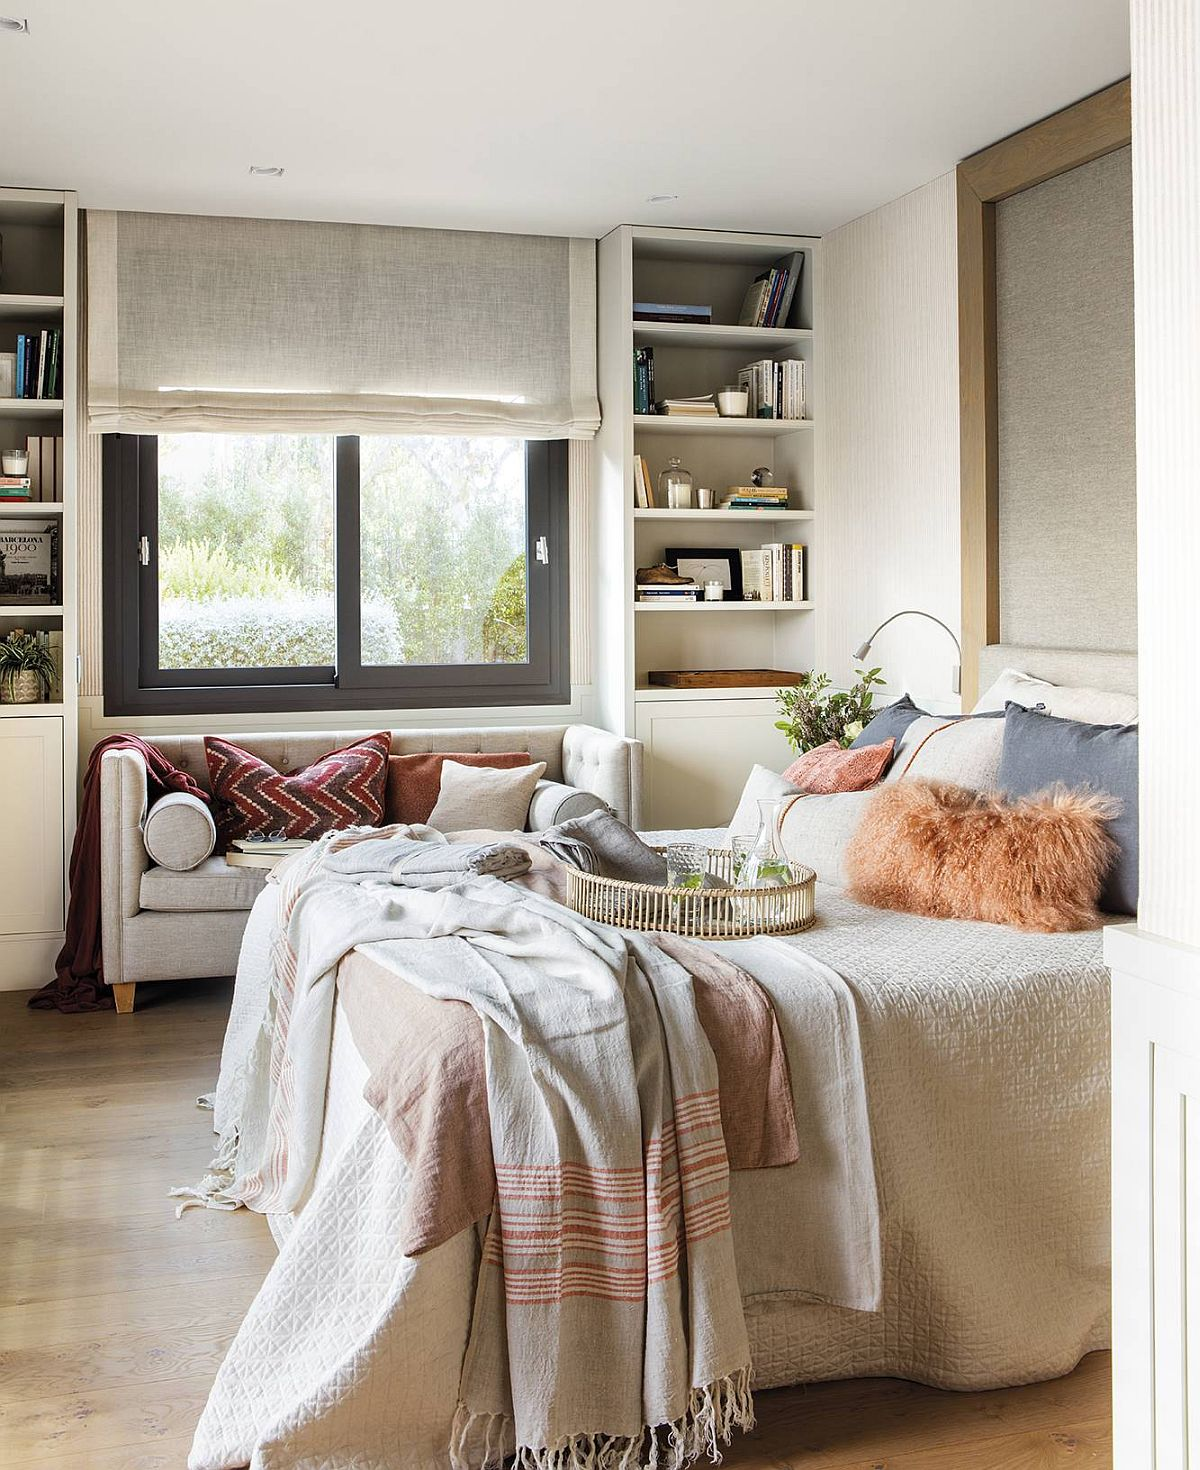 Aceeași linie a finisajelor și culorilor este continuată și ăn dormitor, unde spațiile de depozitare încadrează fereastra, deasupra având rafturi. Separat există un dressing, dar cert este că atmosfera finală este una de calm obținută prin simplitatea liniilor și prin alegerea unor decorațiuni textile plăcute, confortabile, prin care s-au adus și pete de culoare în ambient.